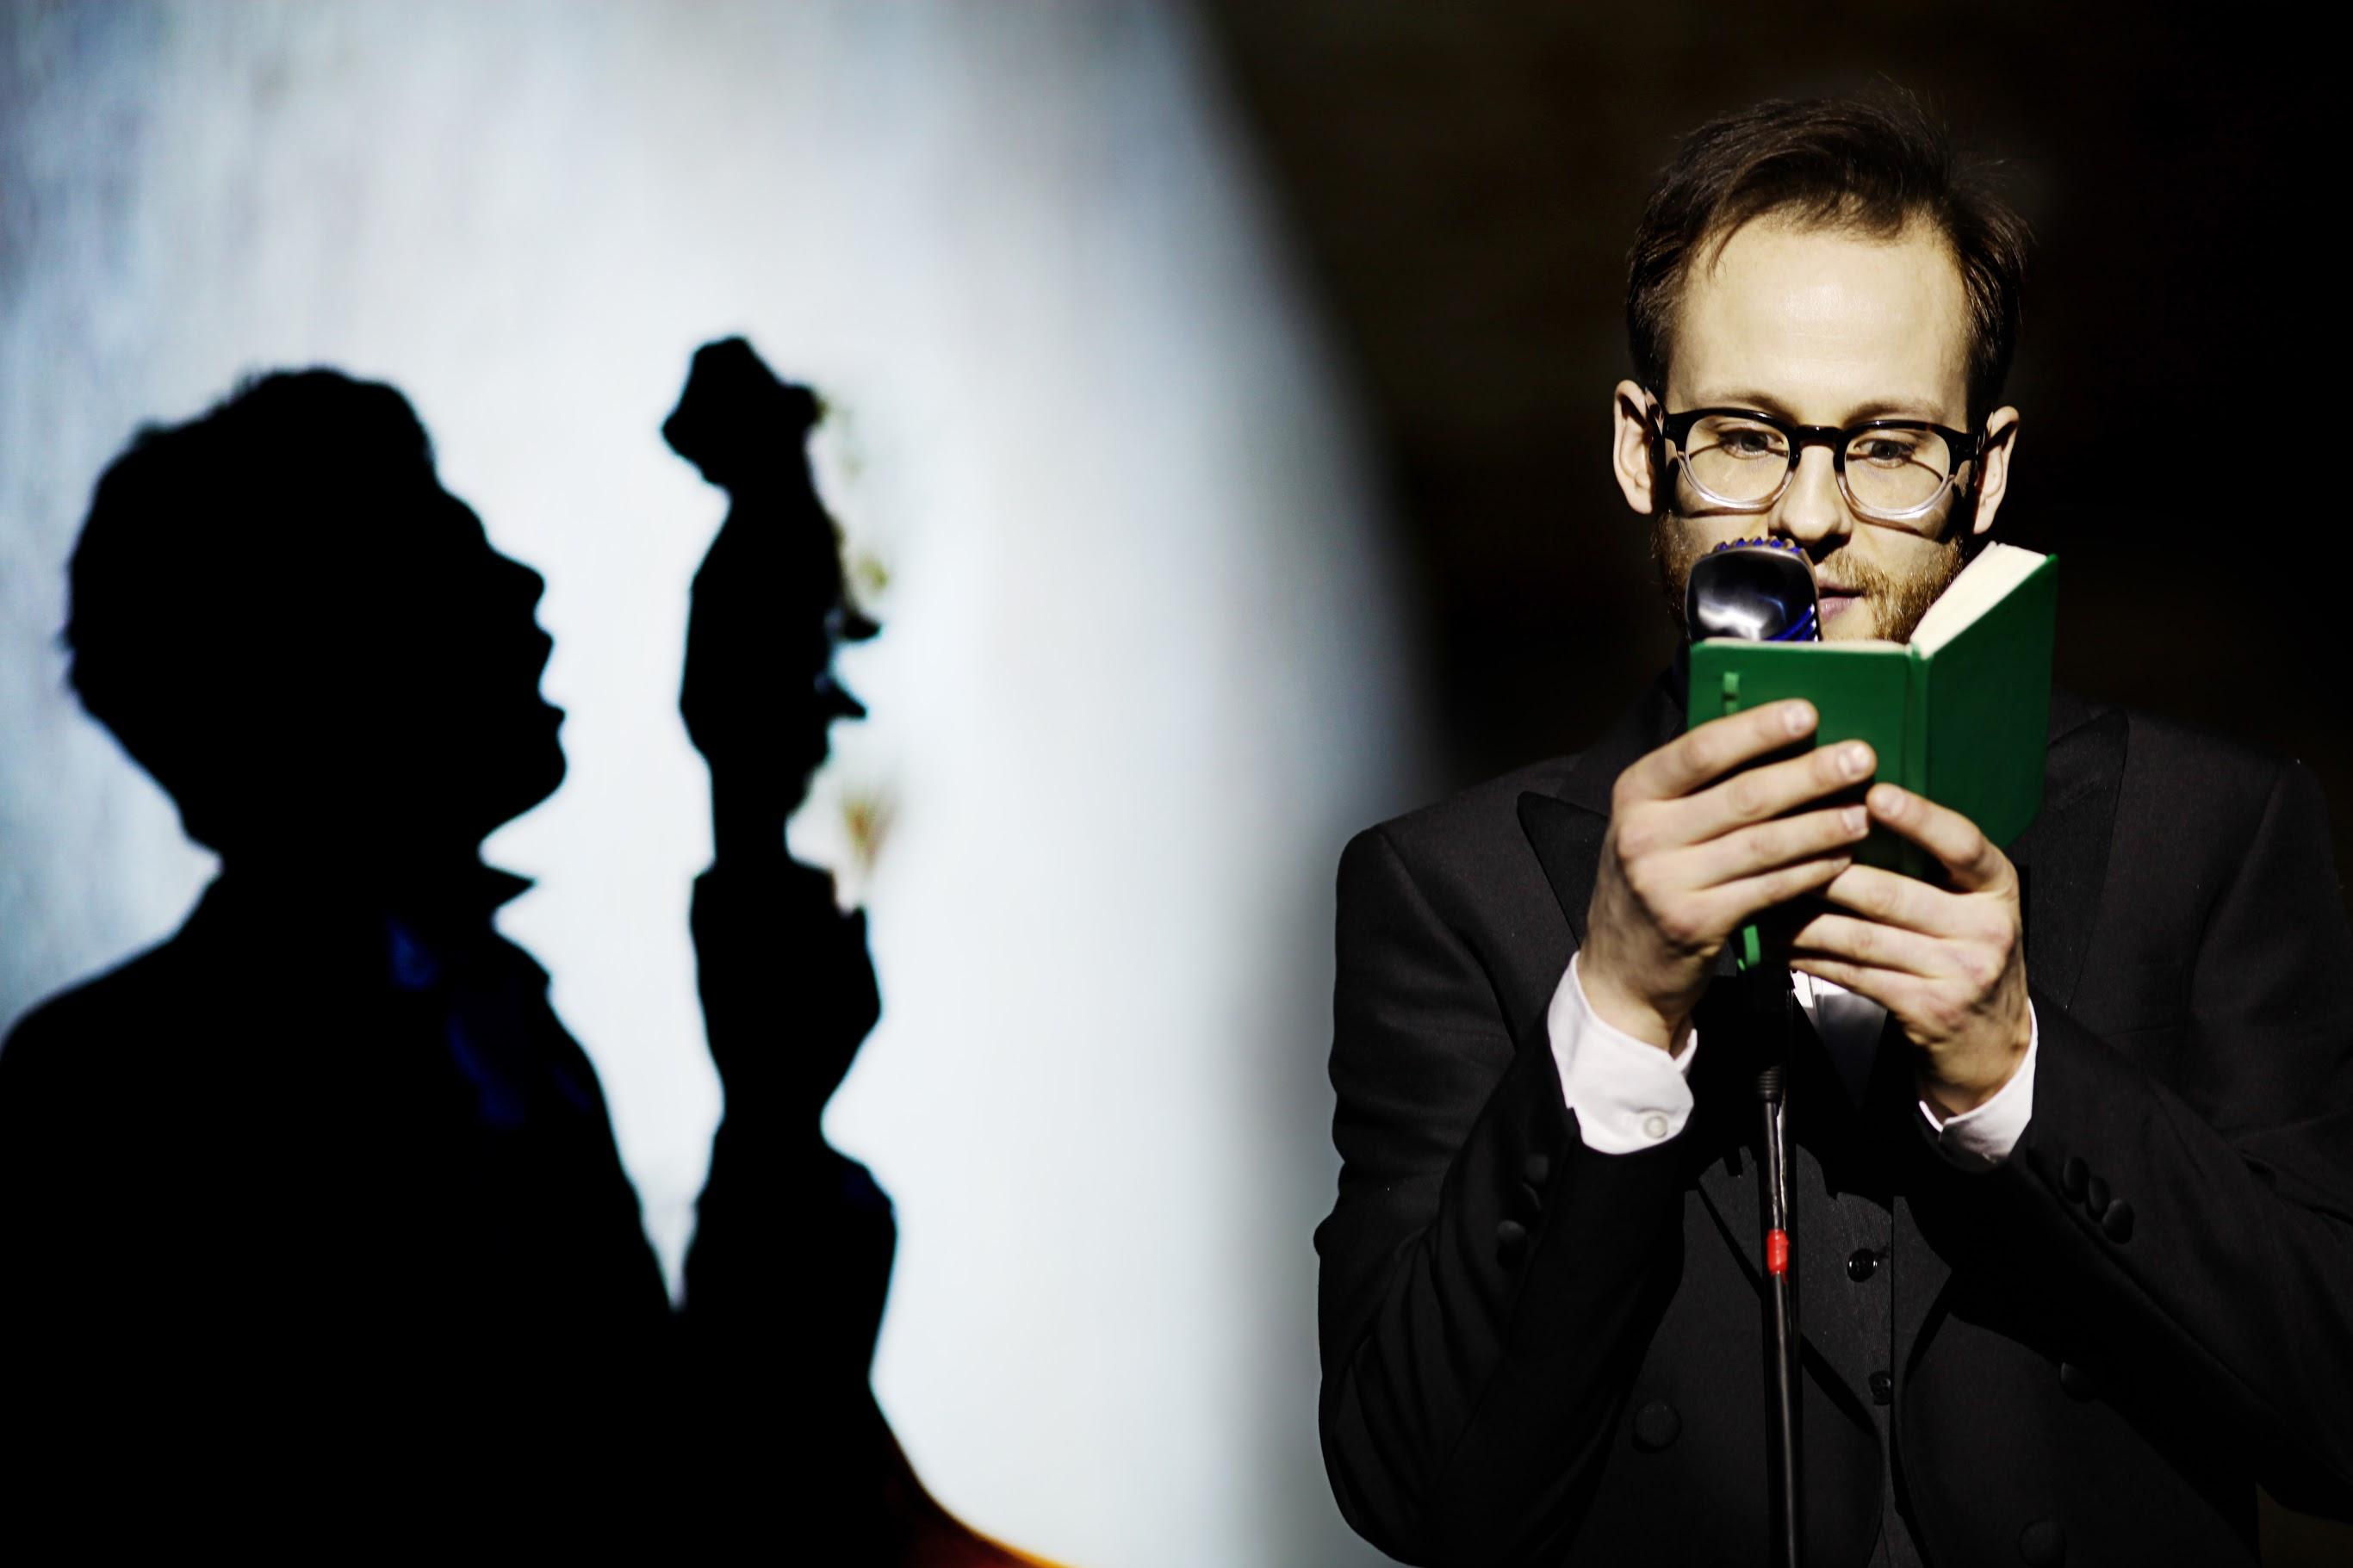 Гоголь-Центр. Сцена из спектакля «Мертвые души». Фото: Алекс Йоси